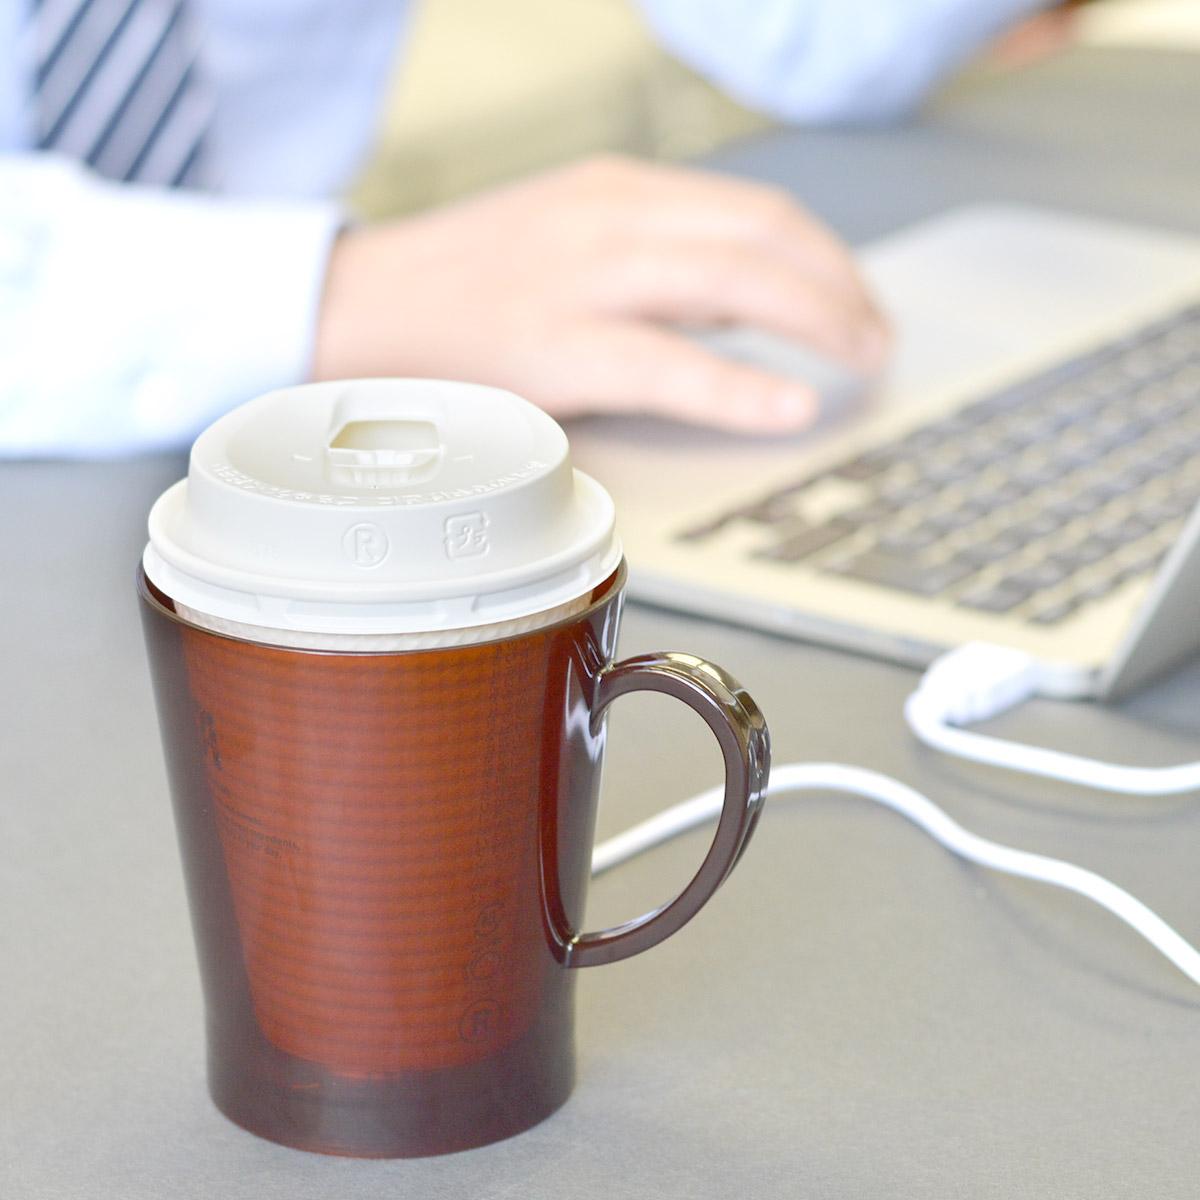 冷めたコーヒーとはおさらば!デスク用USB紙カップウォーマー誕生 缶コーヒーにも使えるって